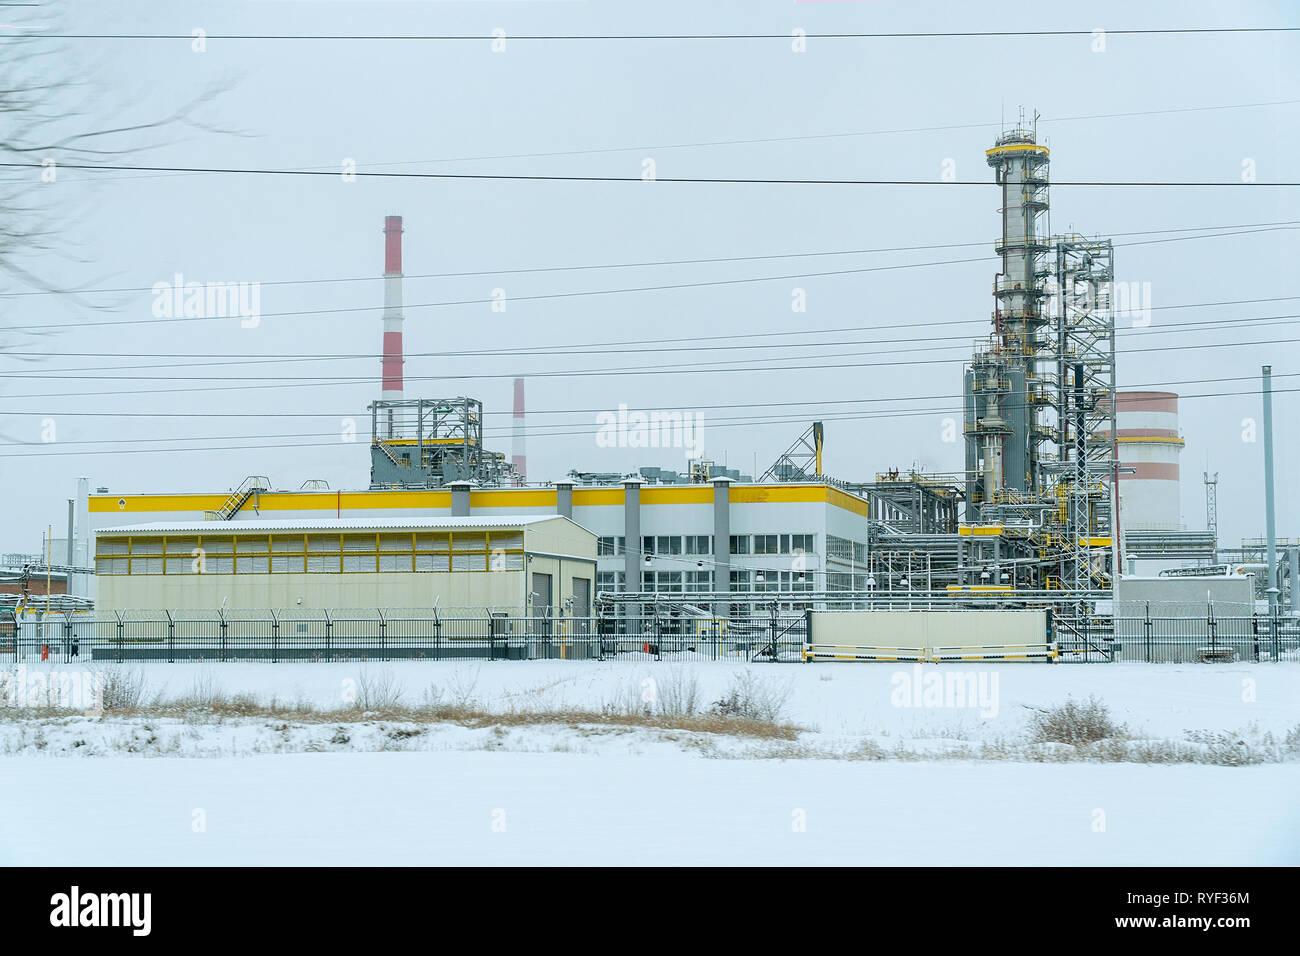 Refinery Pipeline Stock Photos & Refinery Pipeline Stock